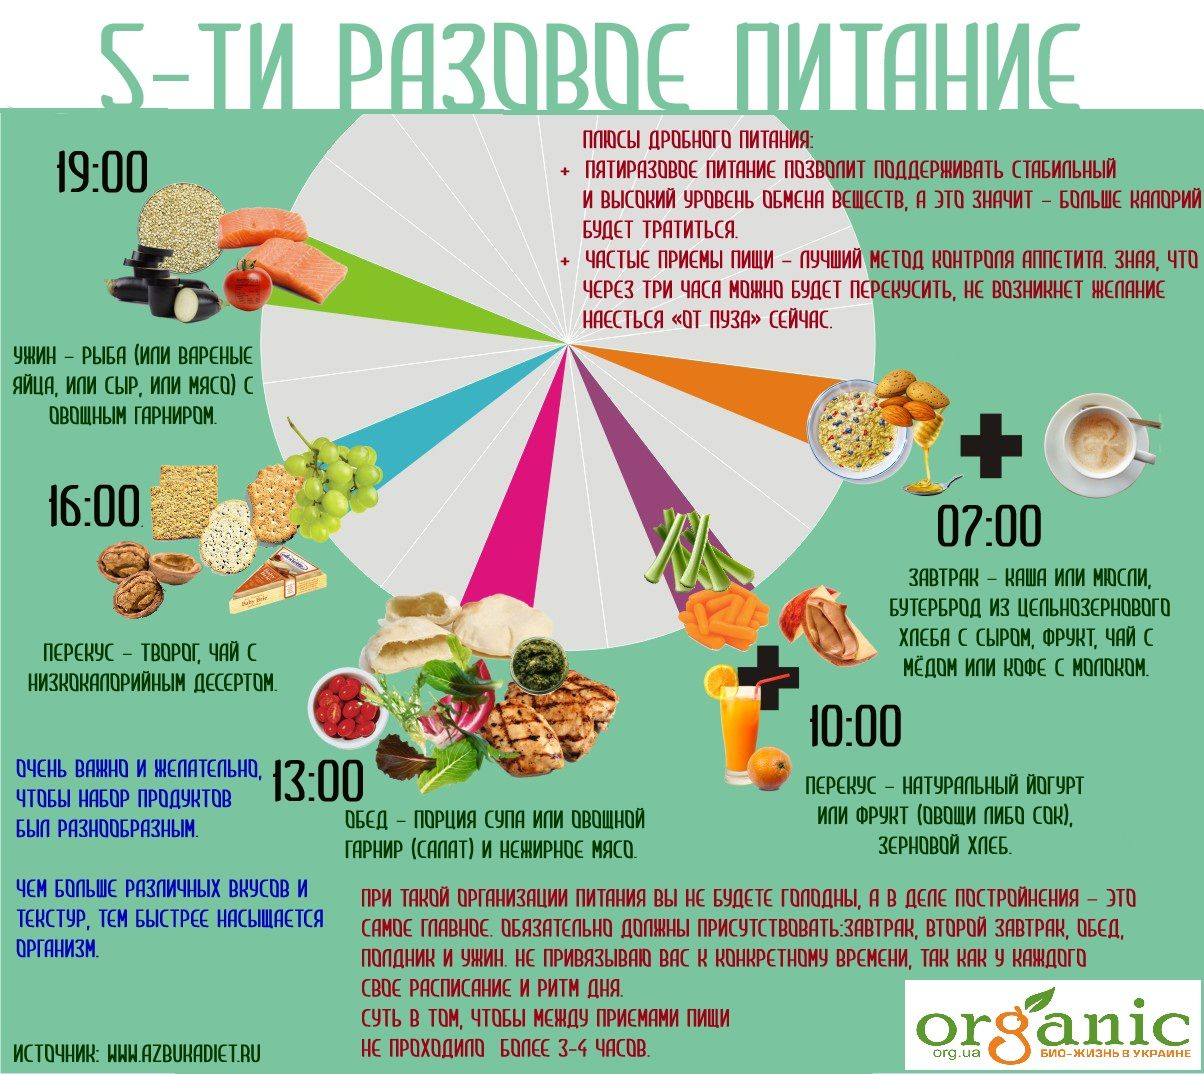 Диета С Правильном Питанием. Питание для похудения. Что, как и когда есть, чтобы похудеть?